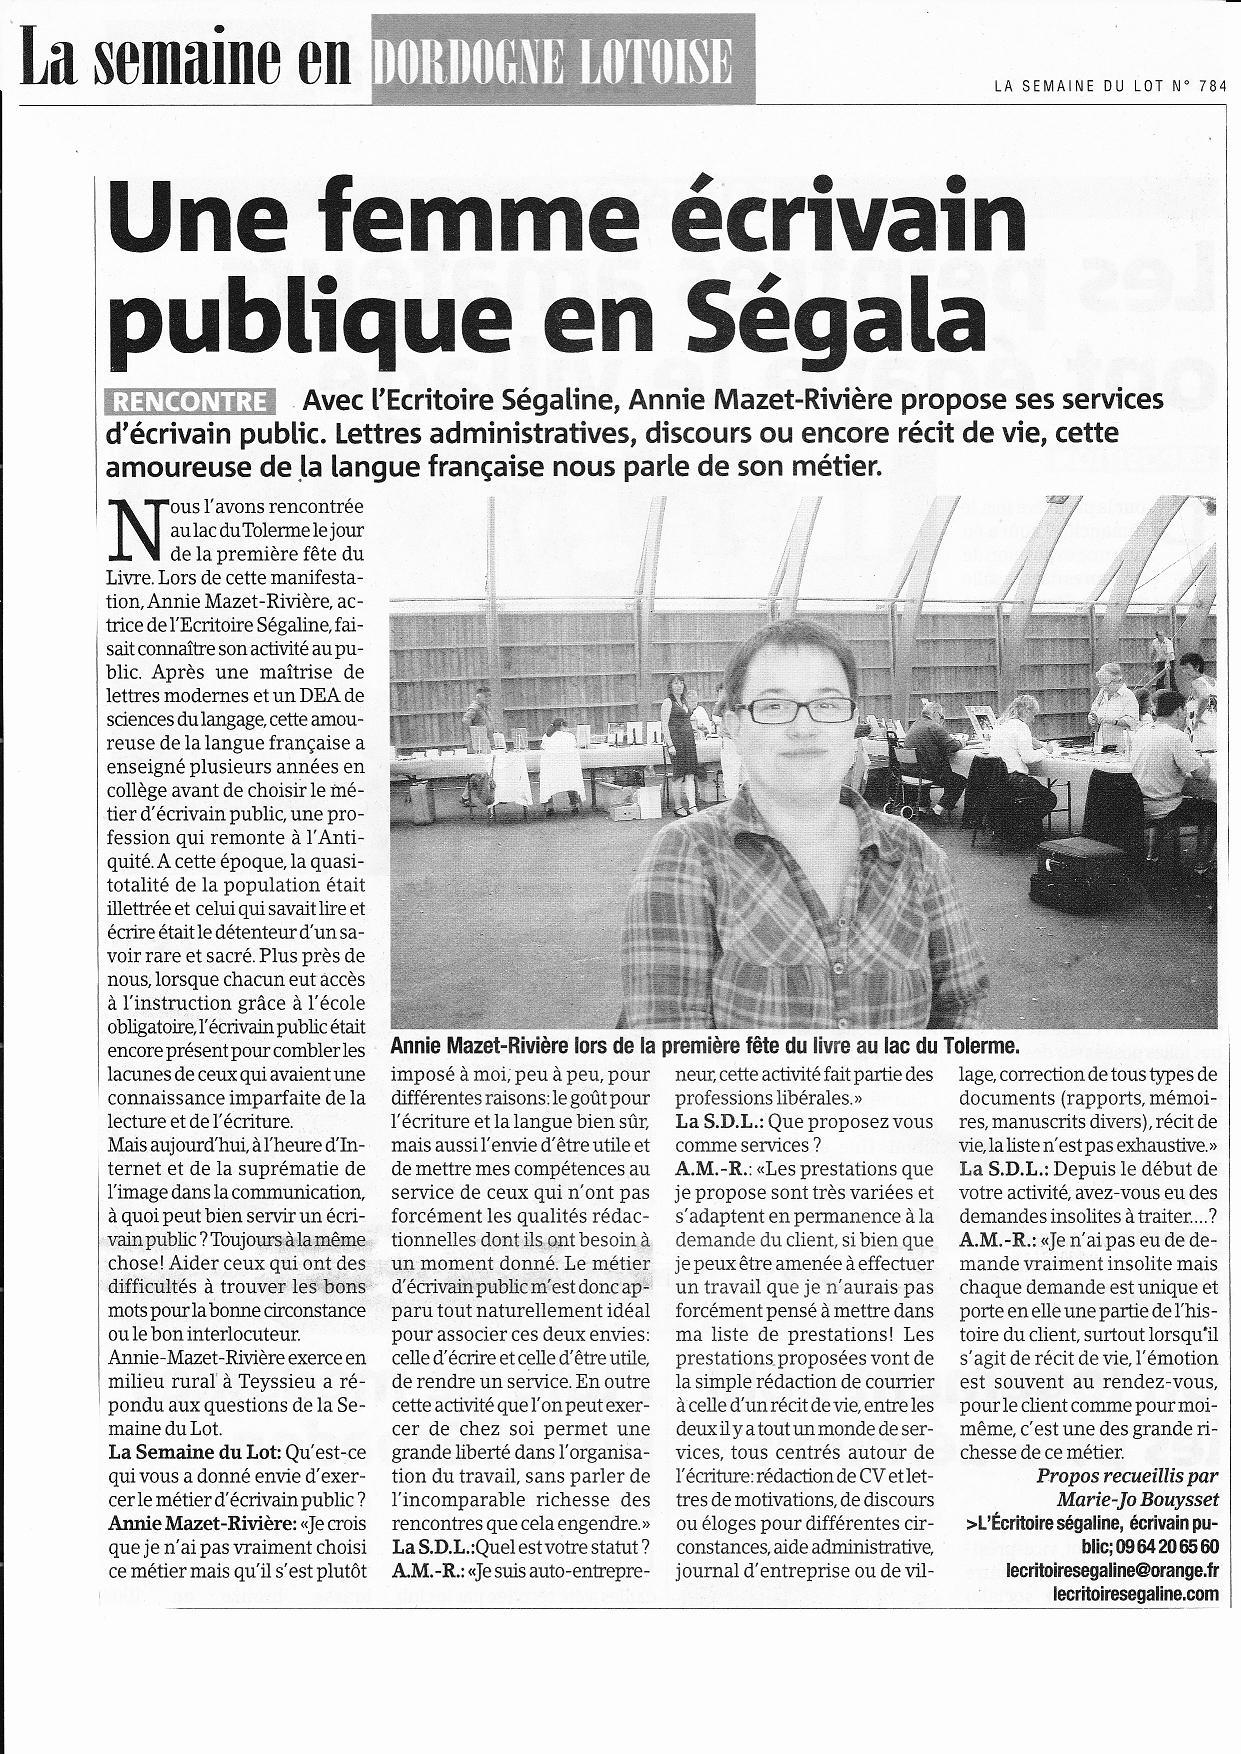 L`critoire ségaline écrivain public dans le Lot